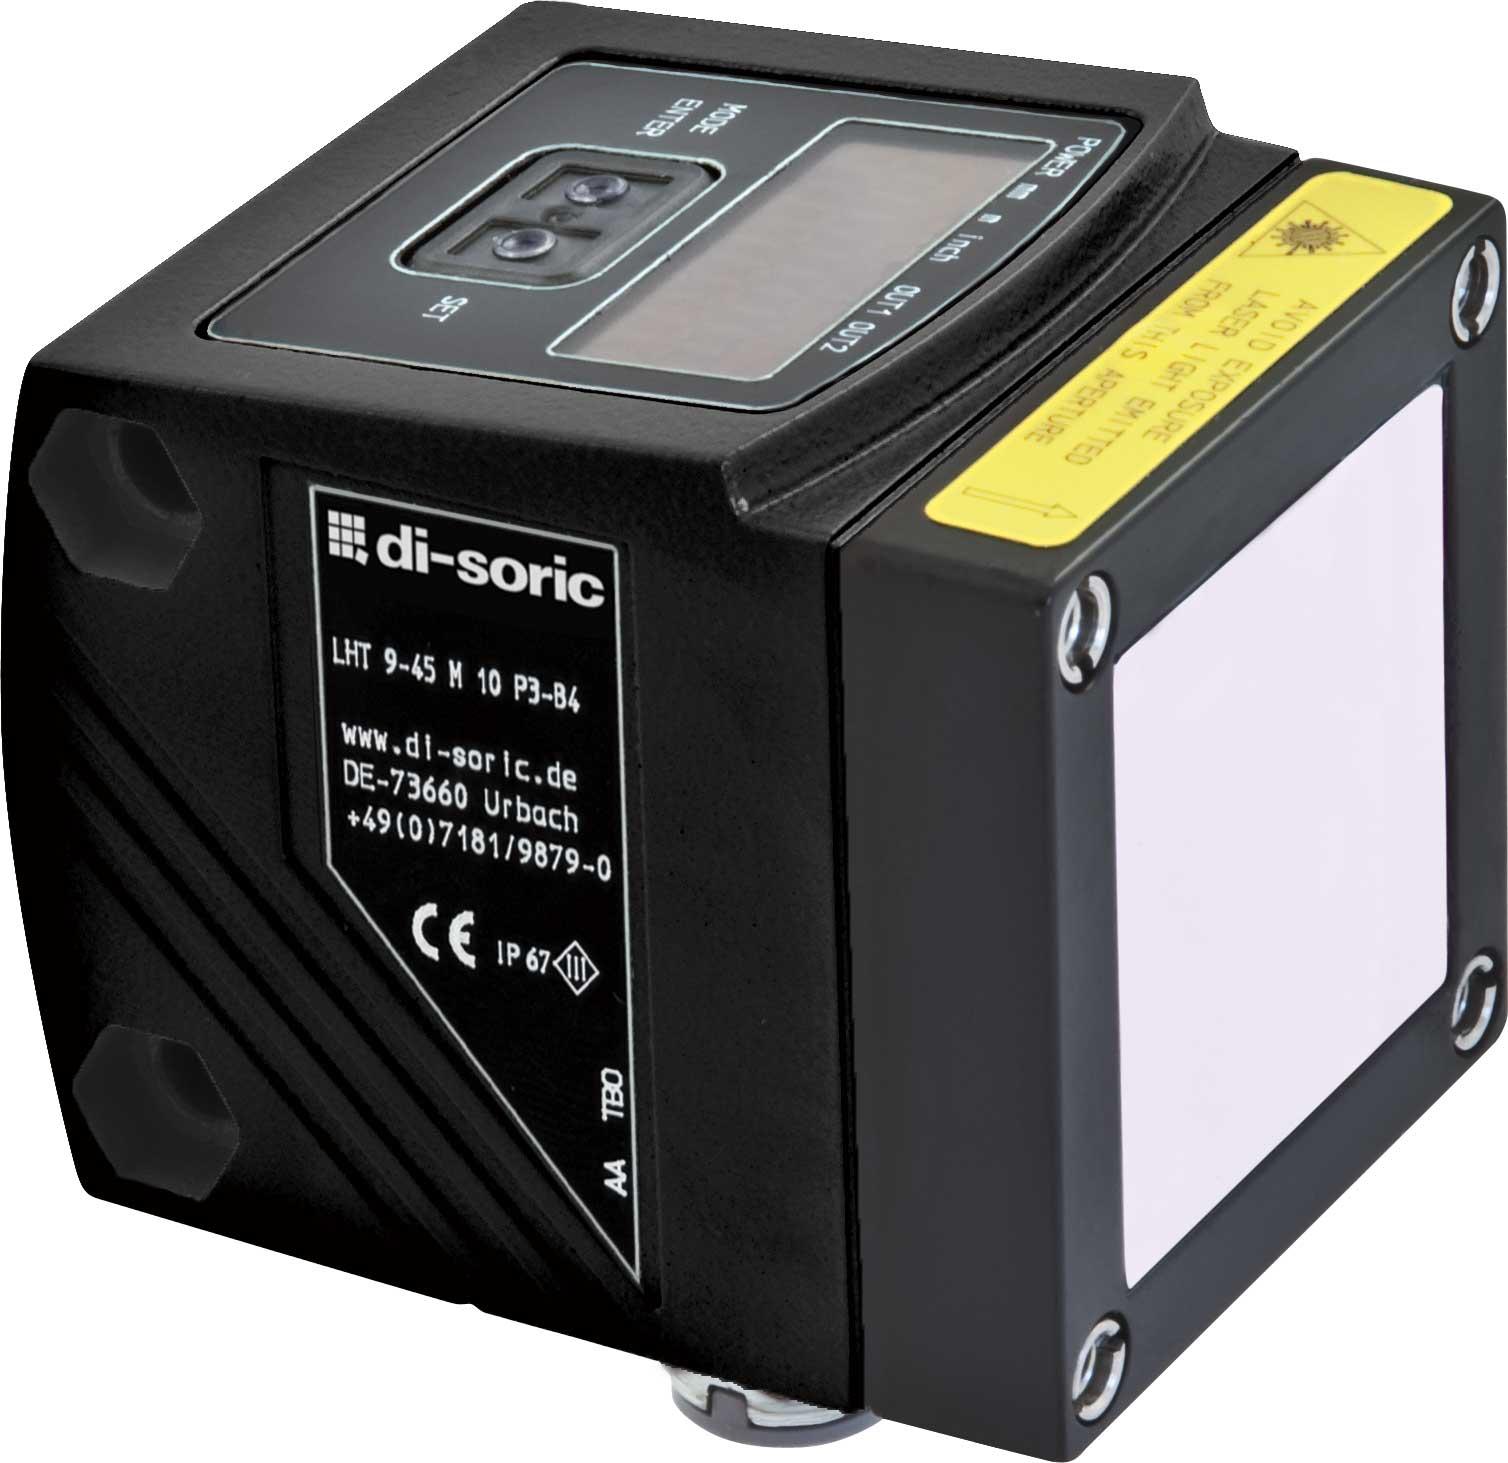 Sensor-de-distancia-laser---LHT-9-45-M-10-P3IU-B4